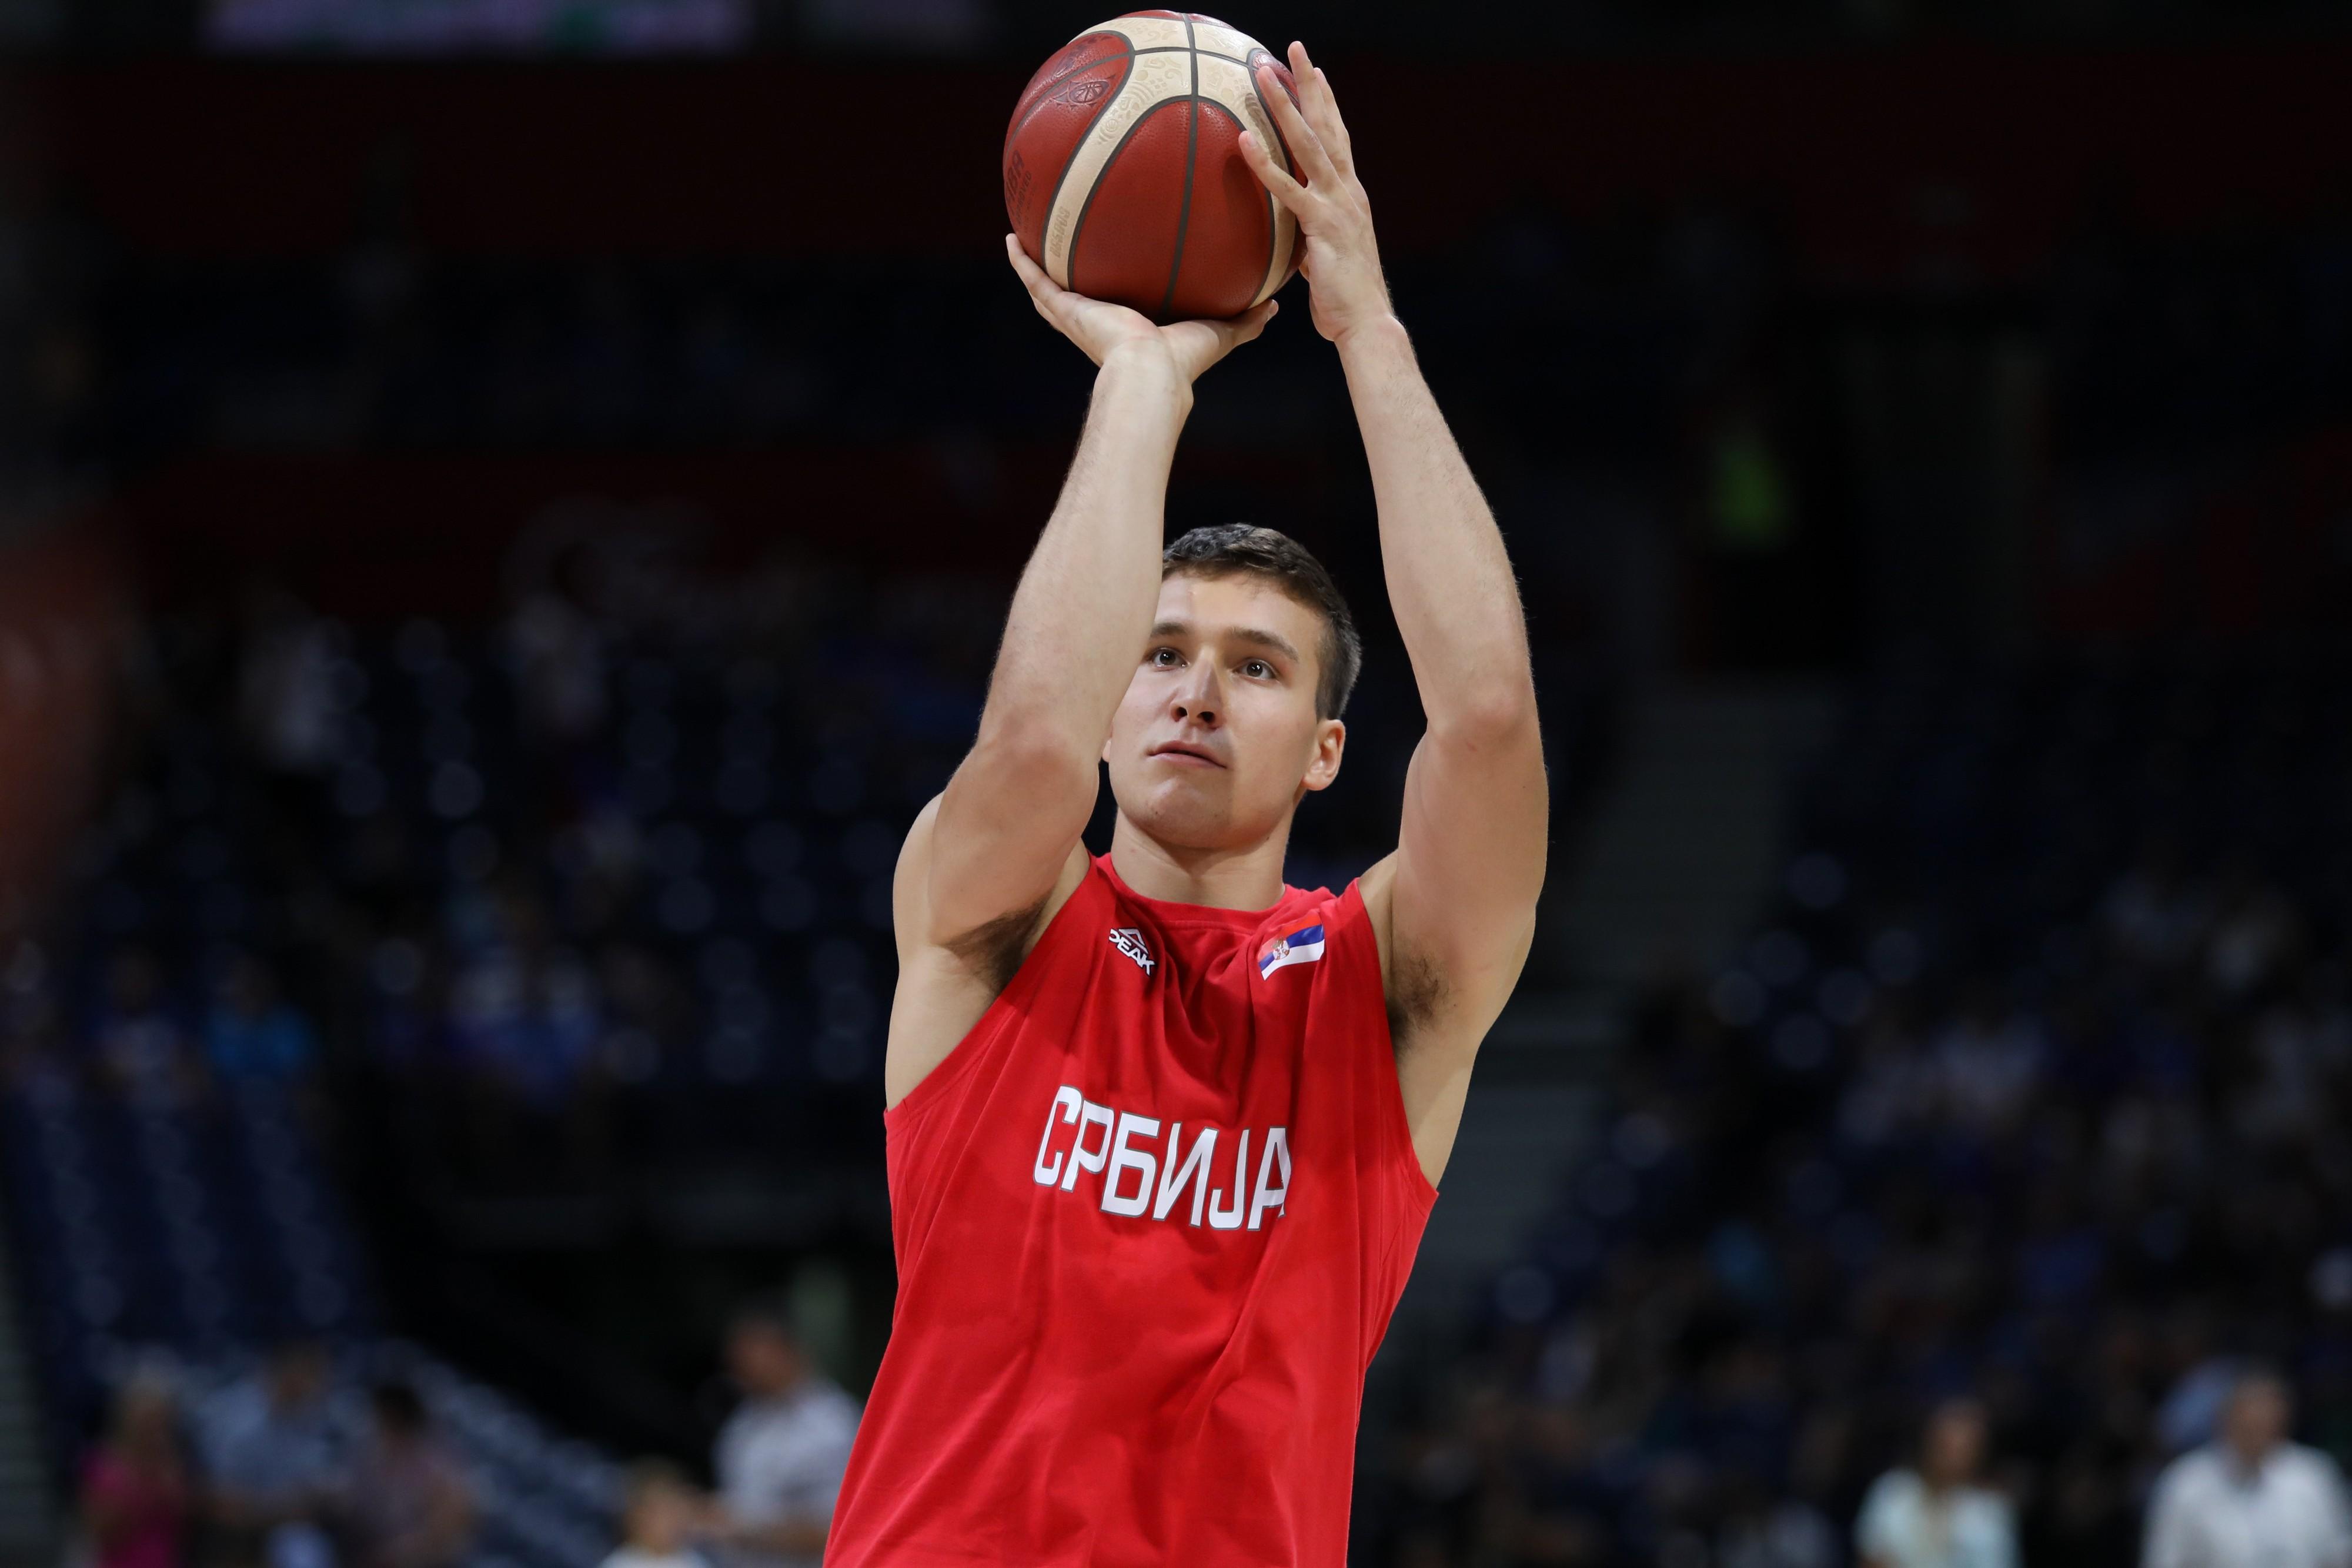 Bogdan nije lider, fali mu bitna stvar: Legendarni košarkaš surovo objasnio karakteristike vođe